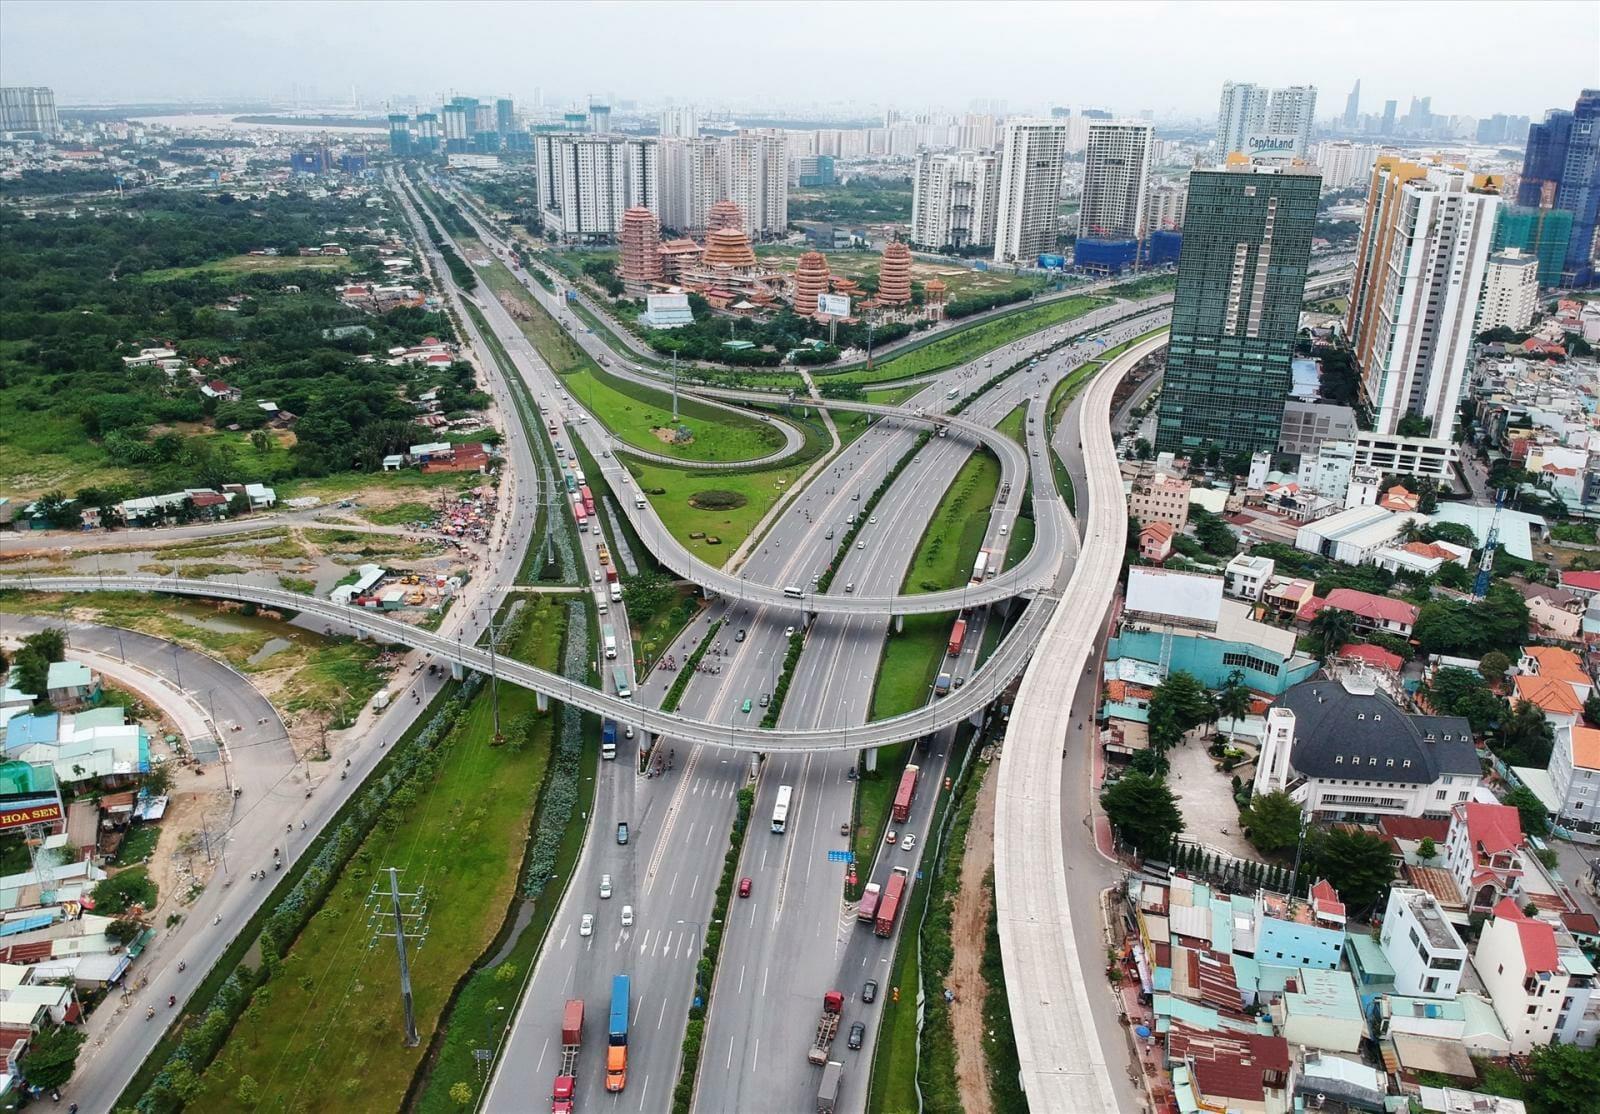 Hệ thống cầu đường được nhà nước đầu tư mạnh tại khu vực quận 9 để kết nối với các khu vực lân cận dễ dàng